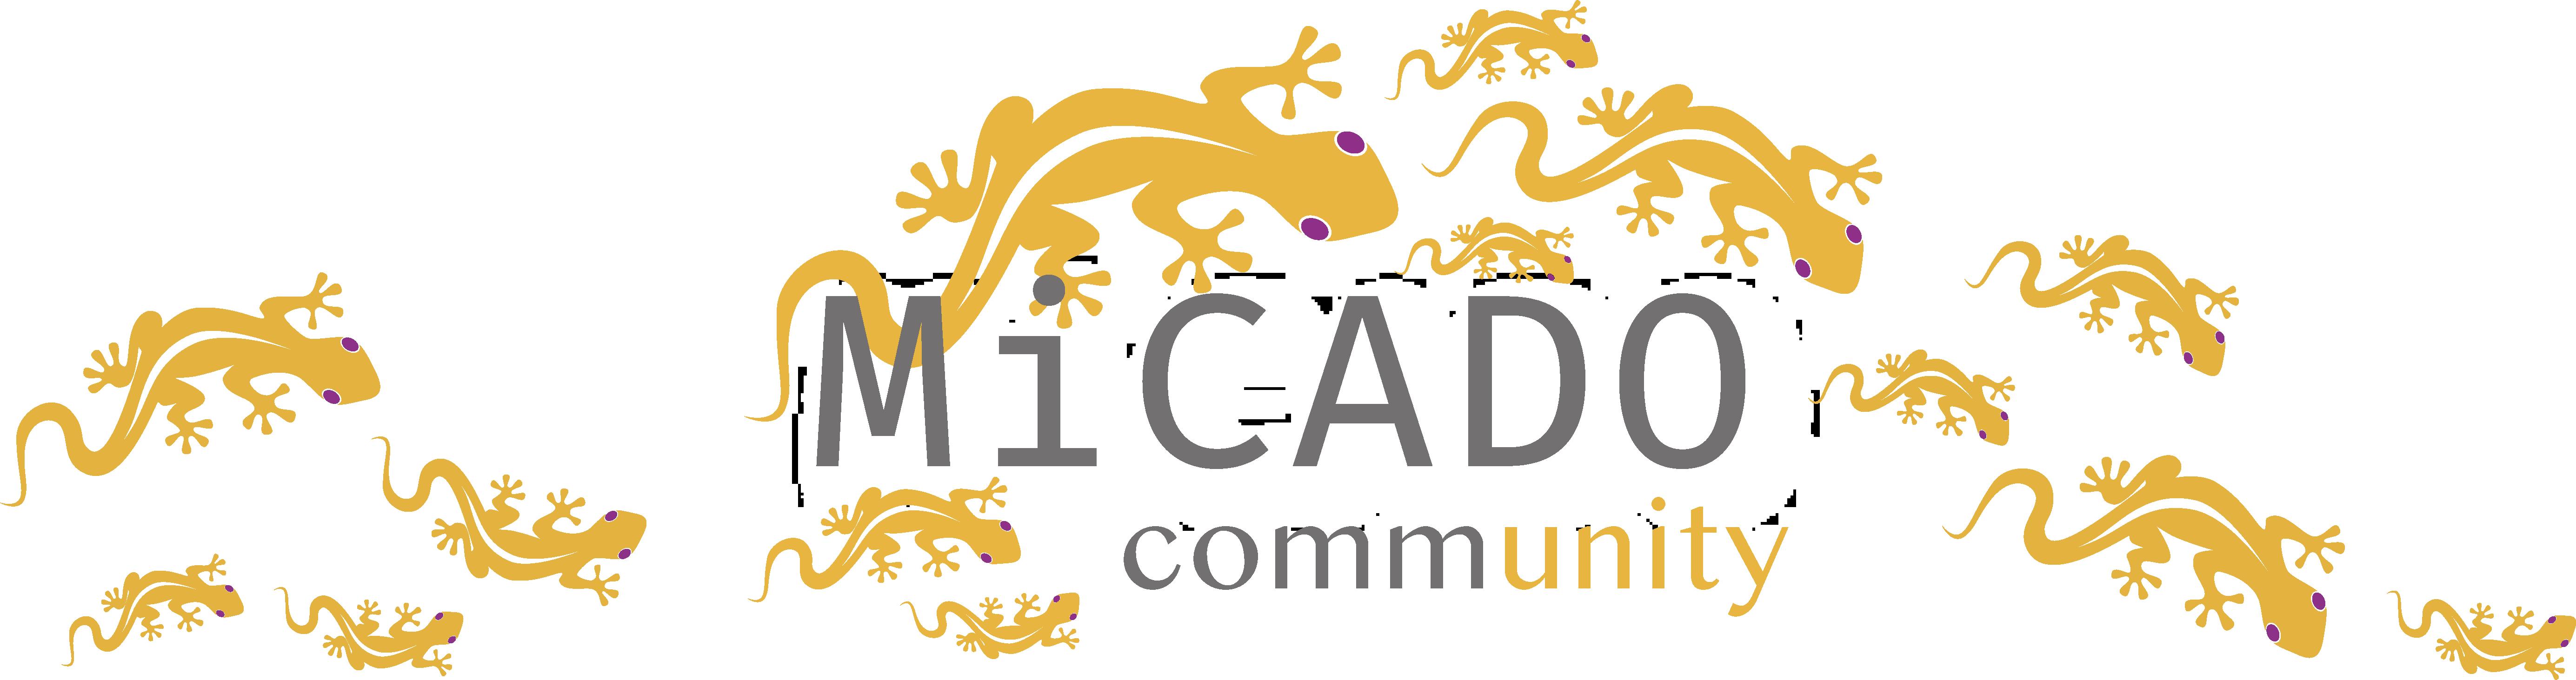 MiCADOcommunity